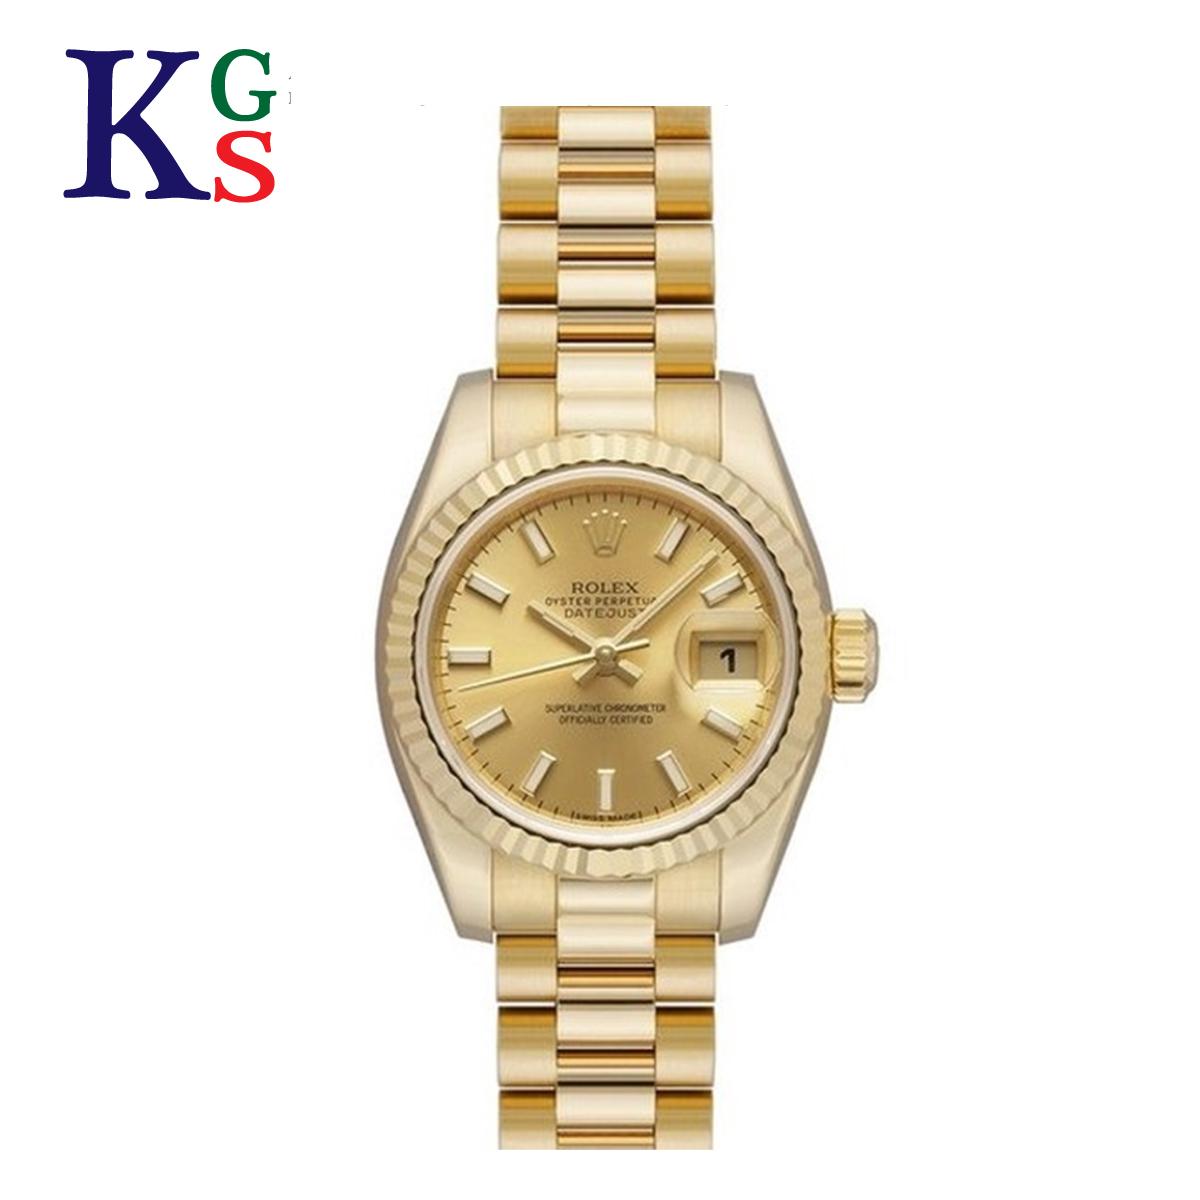 【ギフト品質】ロレックス/ROLEX レディース 腕時計 デイトジャスト イエローゴールド K18YG バーインデックス 自動巻き 金無垢 179178